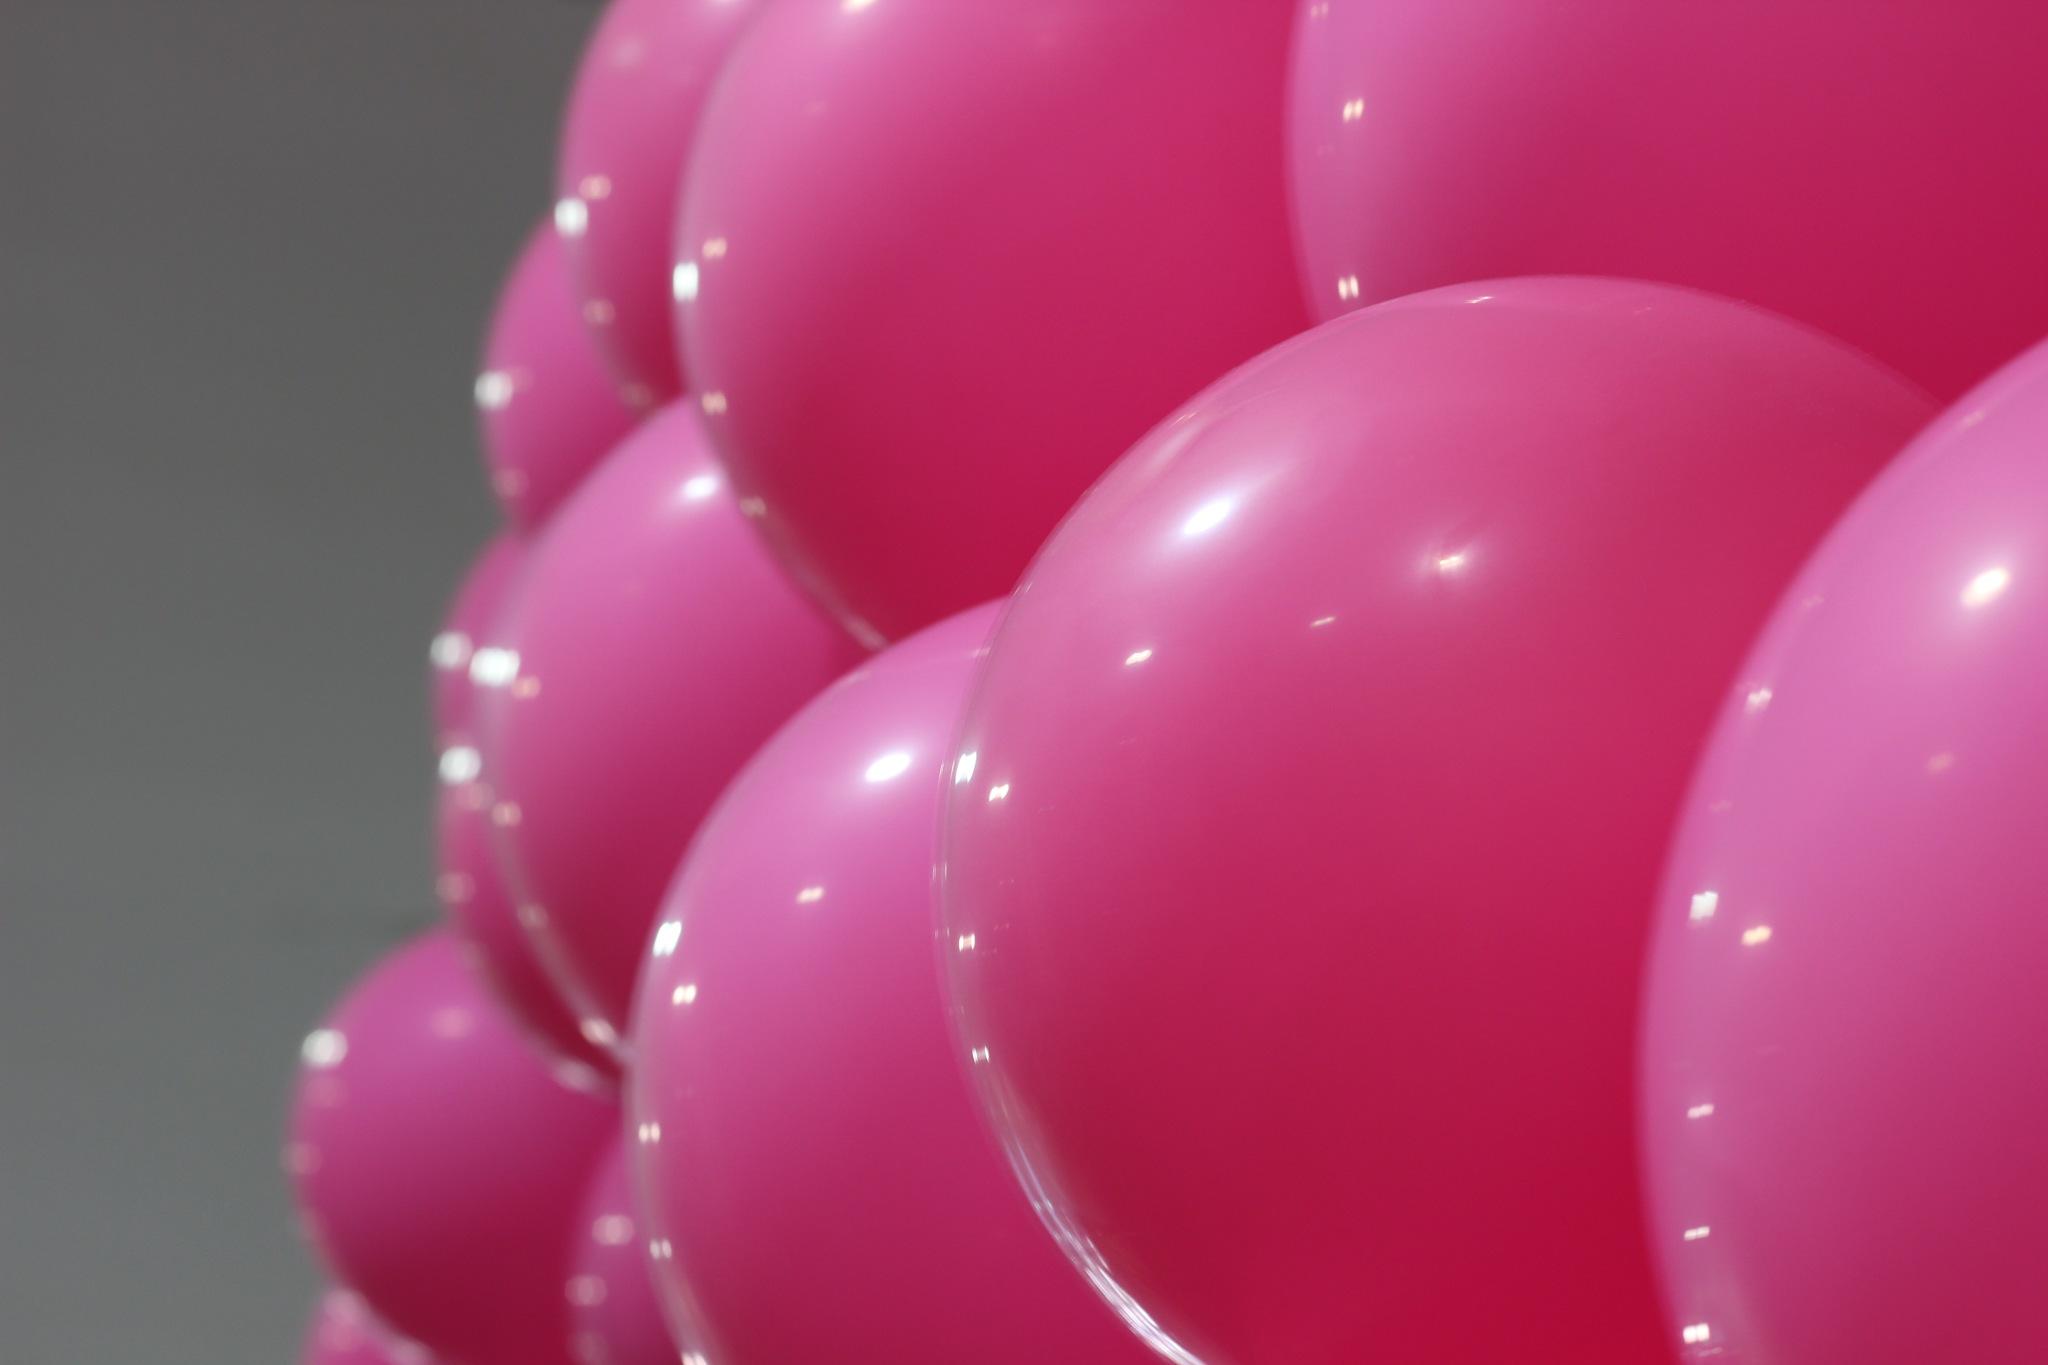 Balloons in rose by Irineu Lúcio